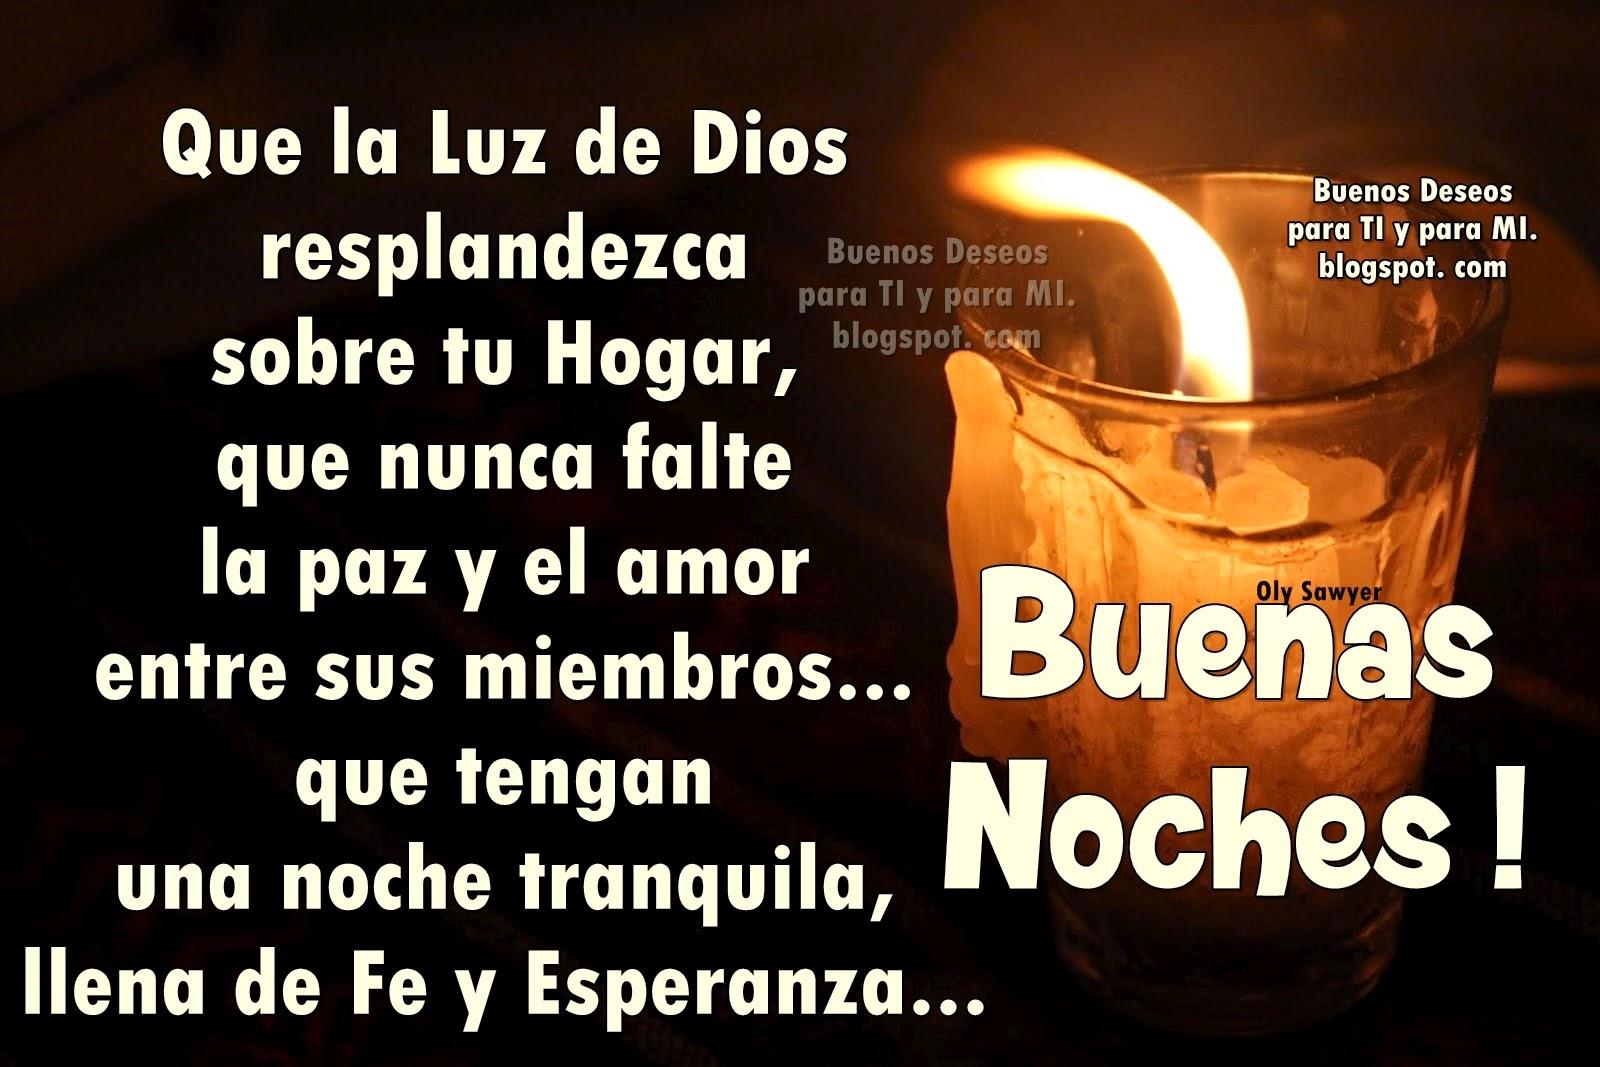 Que la Luz de Dios resplandezca sobre tu Hogar, que nunca falte la paz y el amor entre sus miembros... que tengan una noche tranquila, llena de Fe y Esperanza...  BUENAS NOCHES!